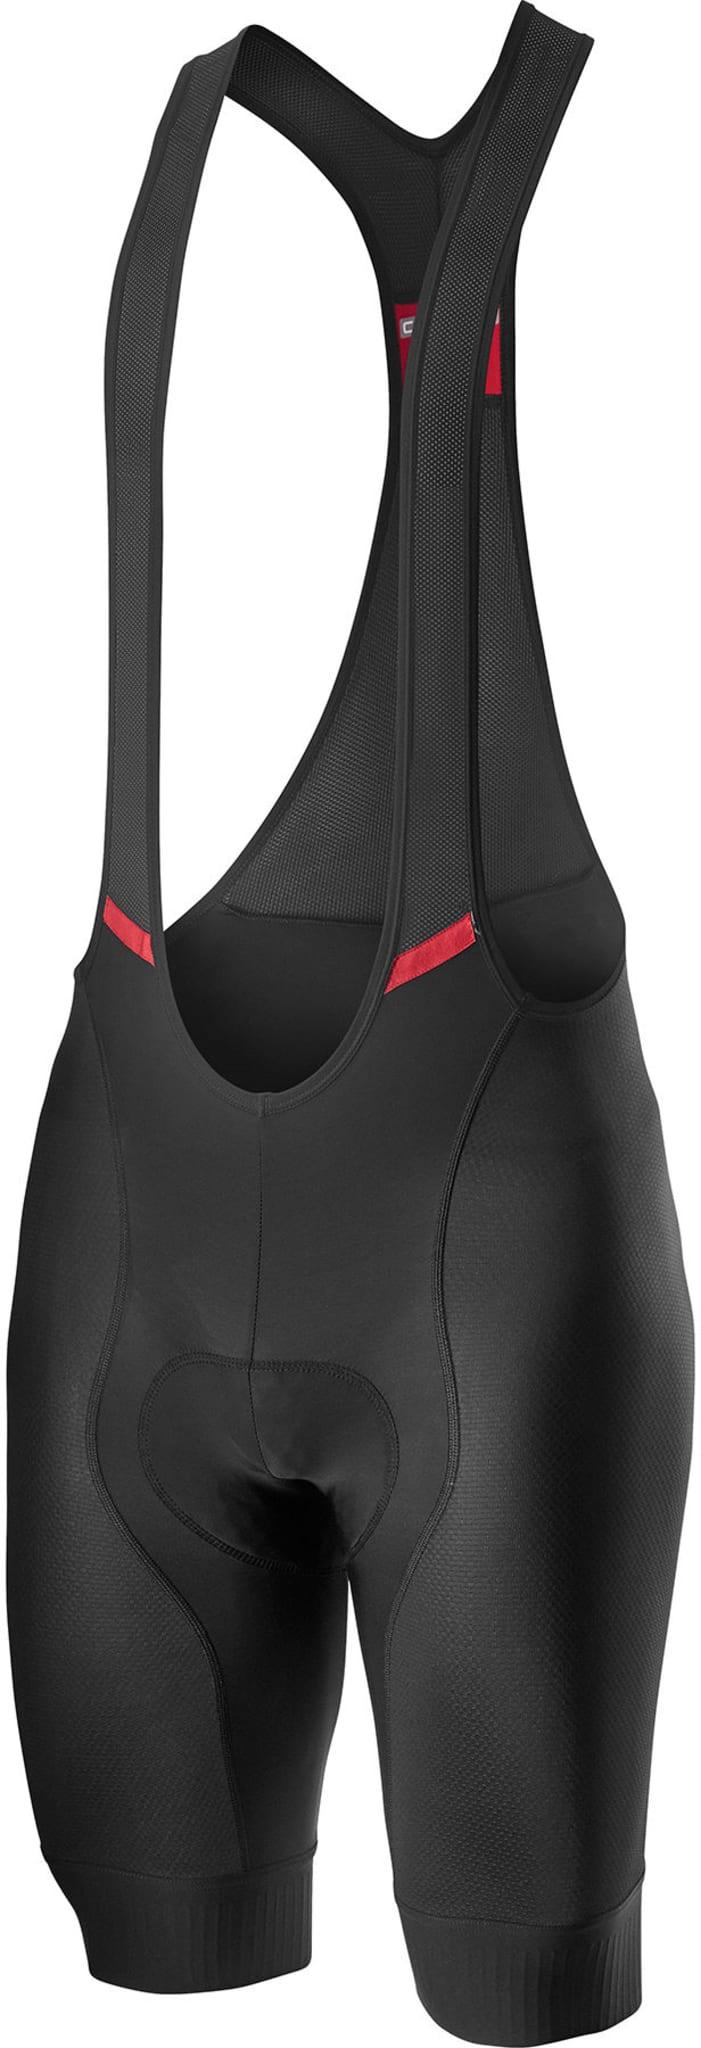 Sykkelshorts til trening og konkurranse med Castellis mest komfortable setepute